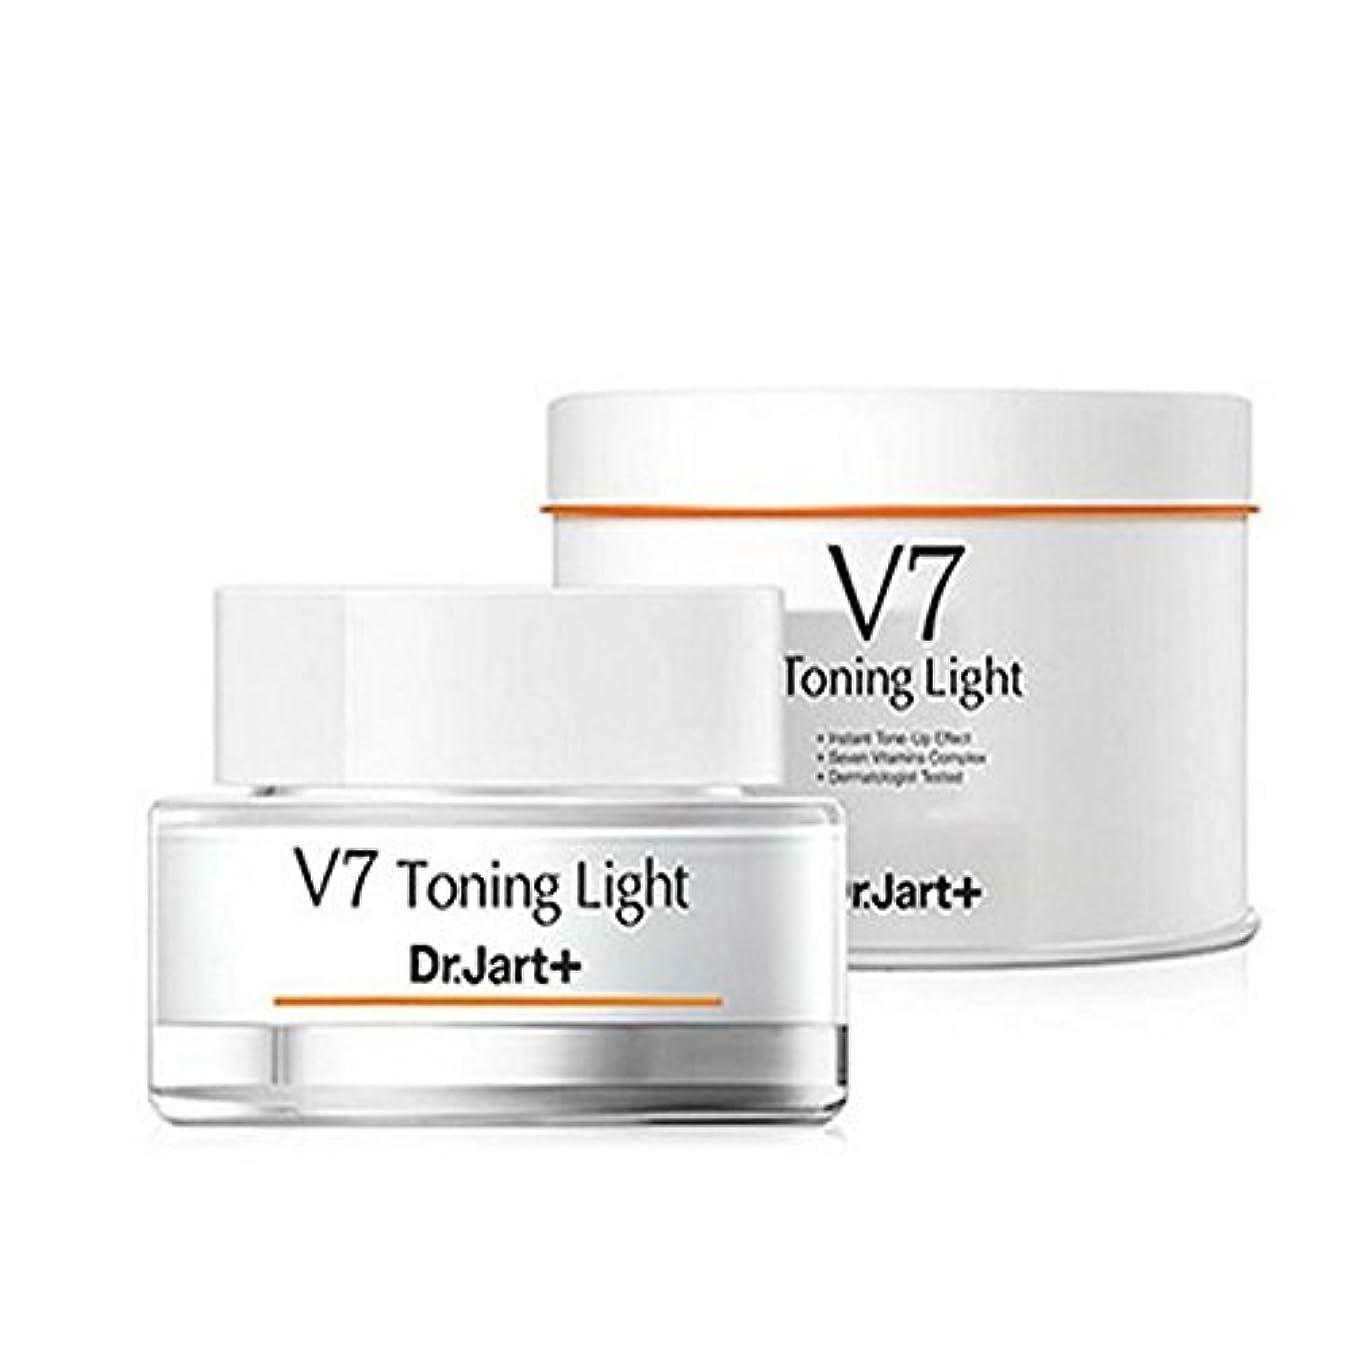 理解雄弁な相互接続Dr. Jart /ドクタージャルト V7 トーニングライト/V7 Toning Lihgt 50ml/100% Authentic direct from Korea [並行輸入品]